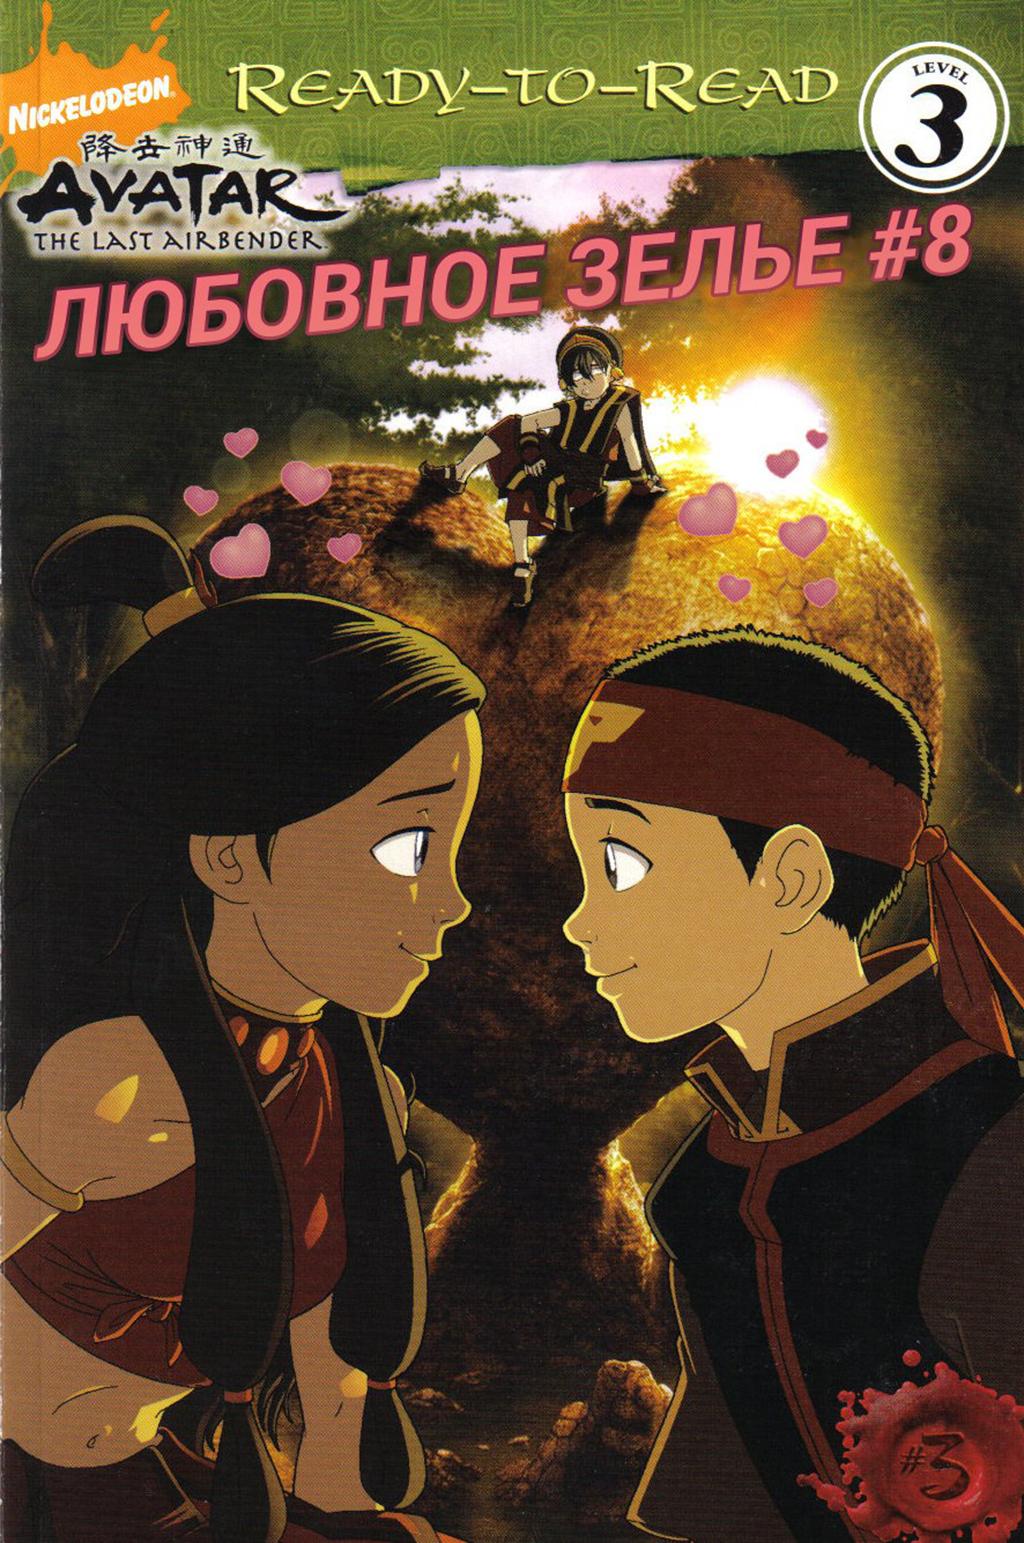 комикс Аватар - Легенда об Аанге - Любовное зелье